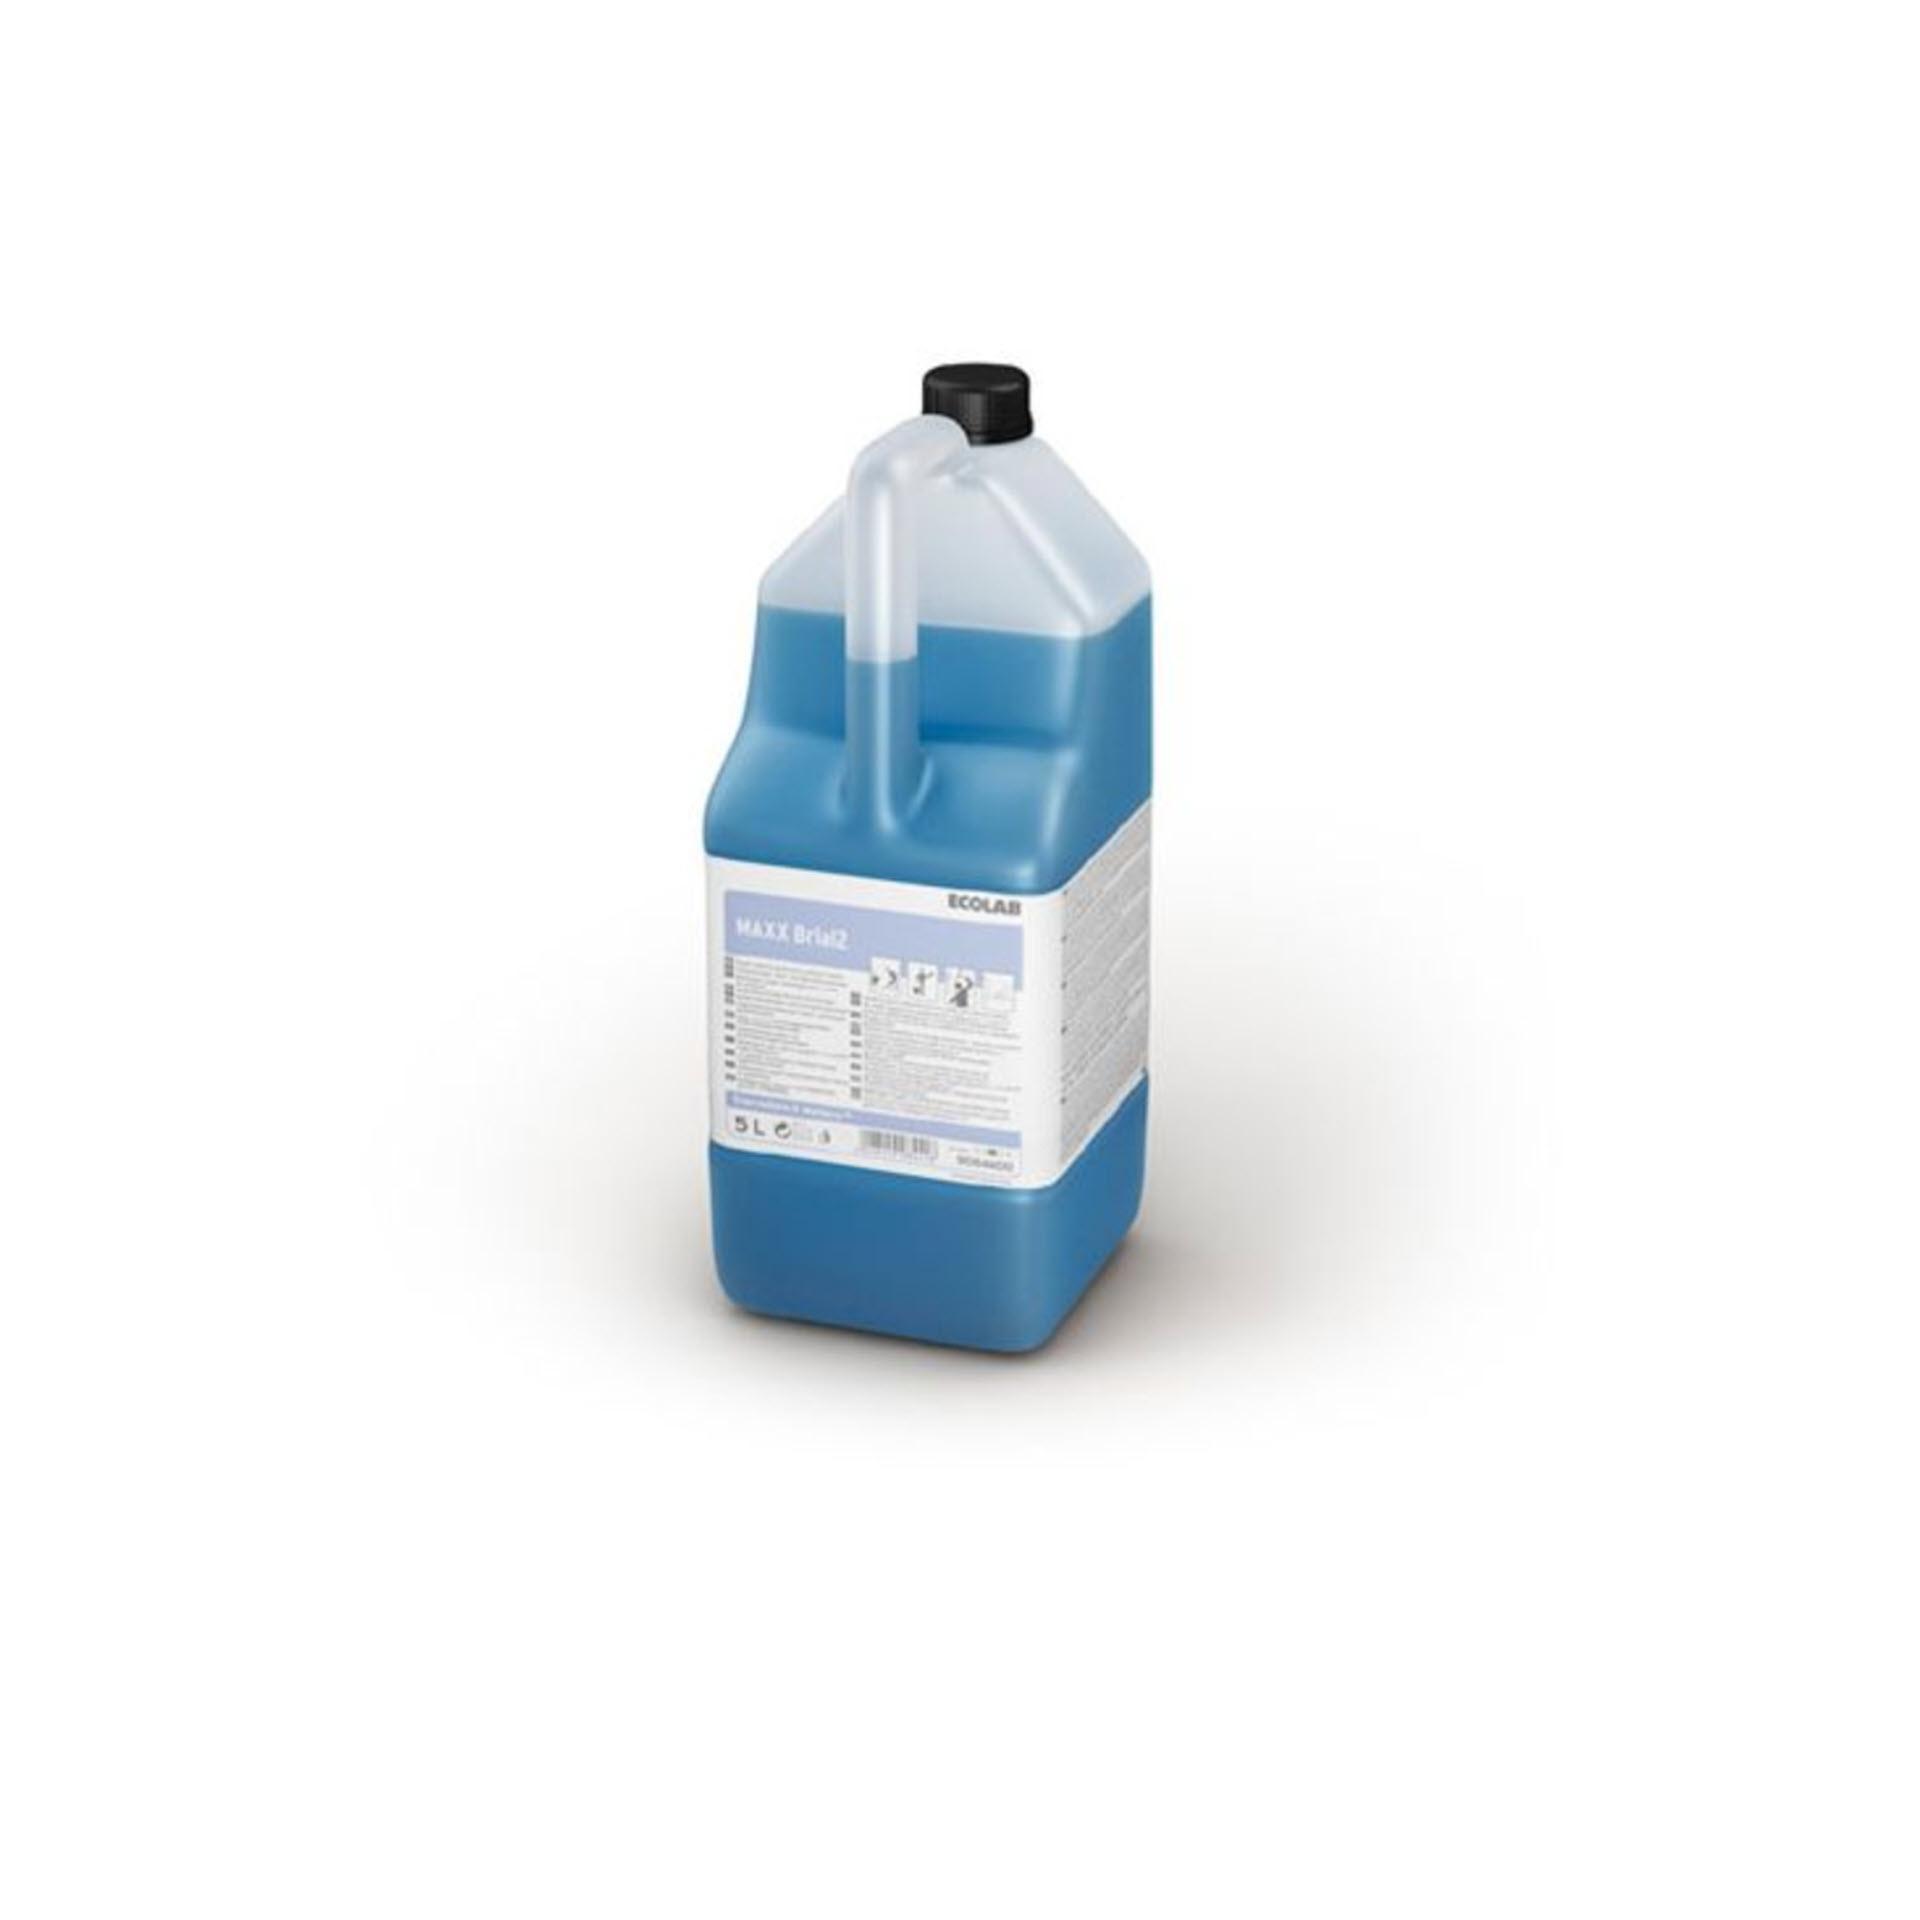 Ecolab MAXX Brial 2  Glas- und Oberflächenreiniger - 5 Liter Kanister